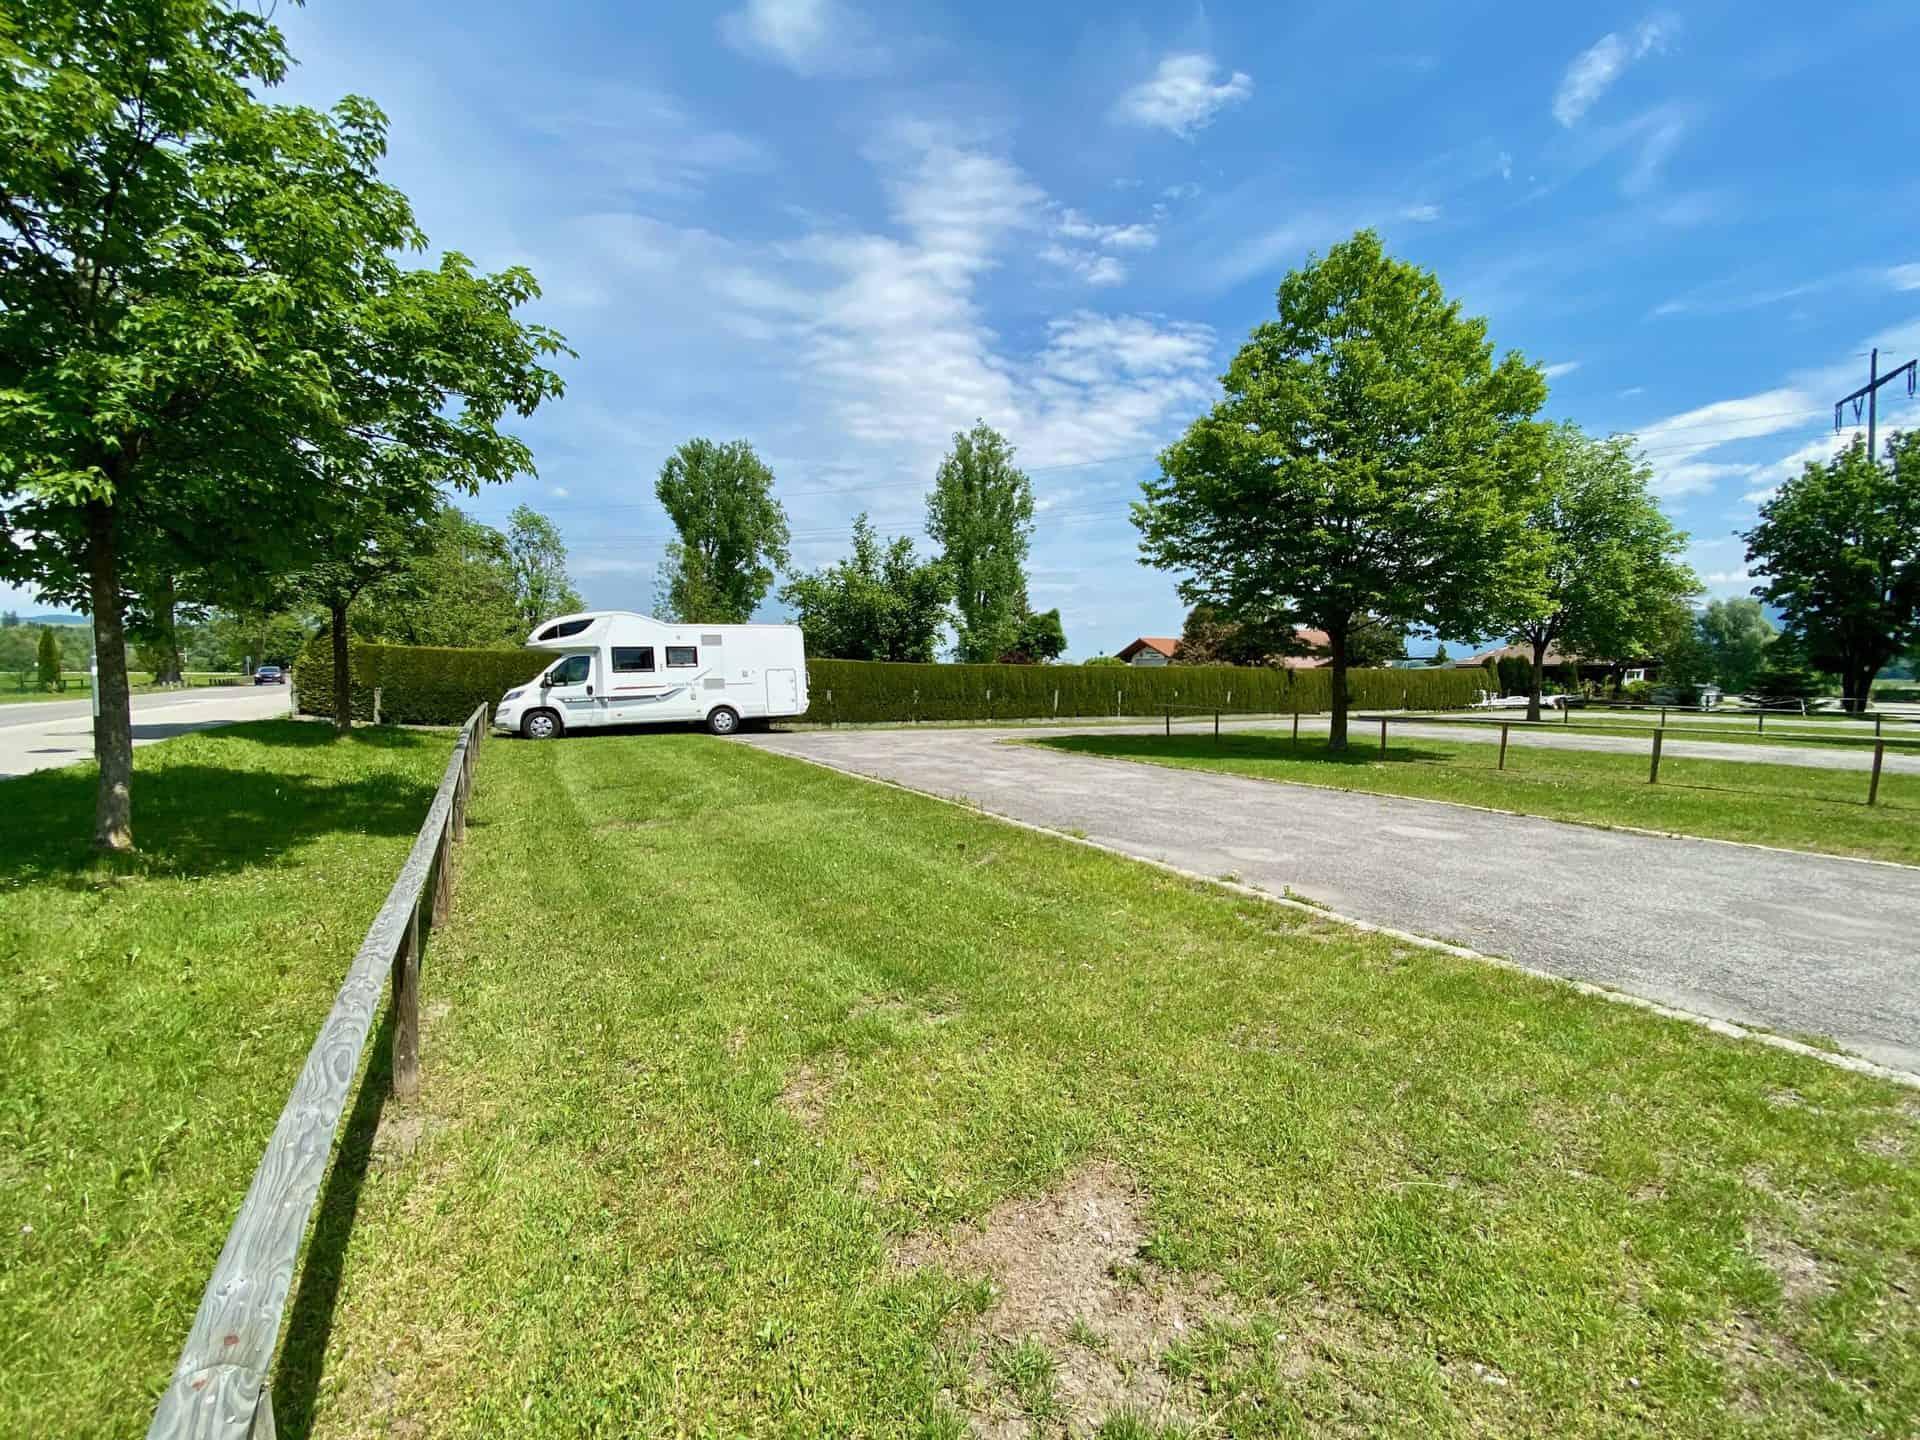 Forggensee_Parkplatz_Bootshafen